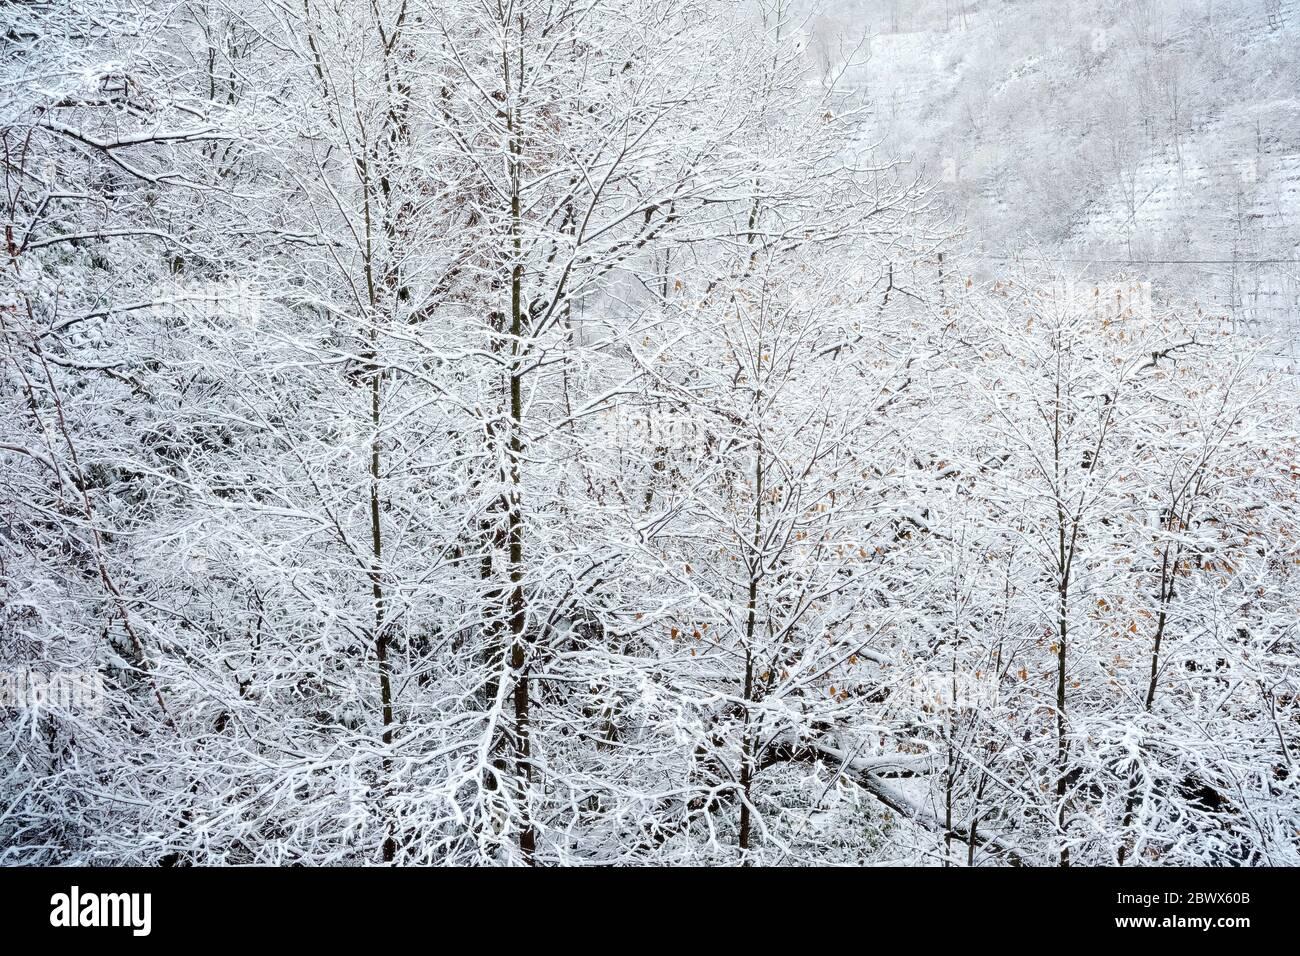 Bosque de invierno con fondo de nieve. Foto de stock